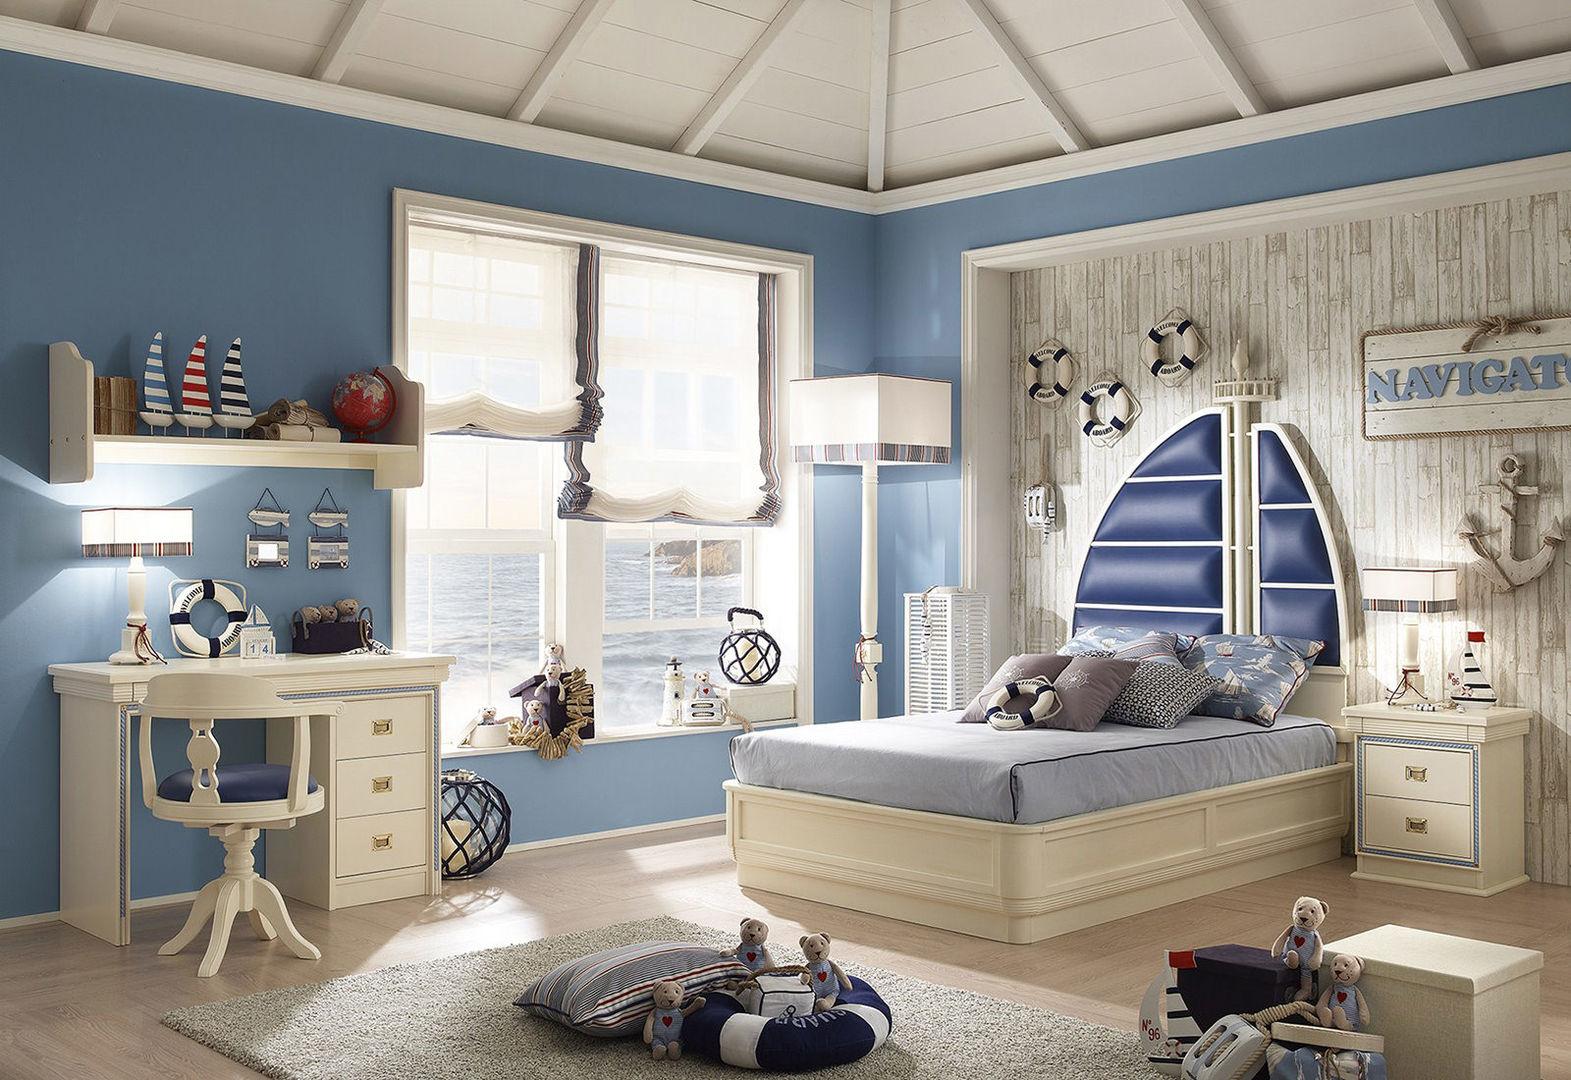 Бледно-голубые стены создают ощущение приятной прохлады